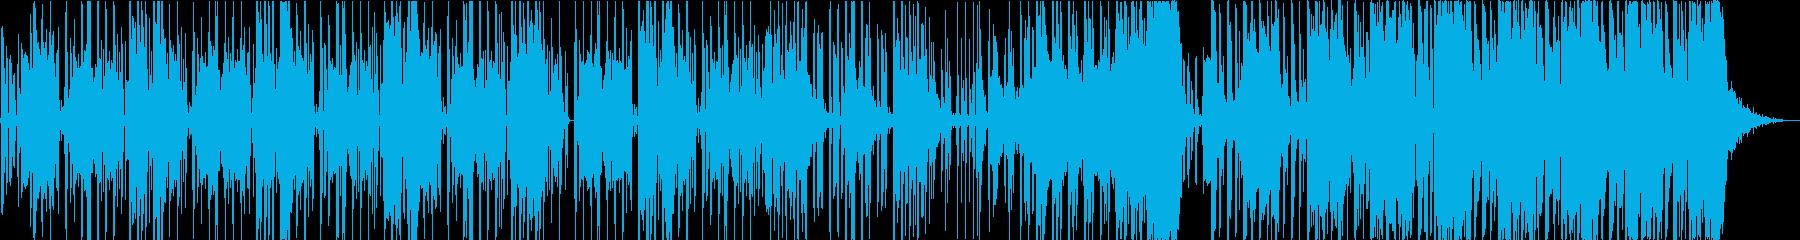 CM】クールでファンクなテクノ【短縮版】の再生済みの波形